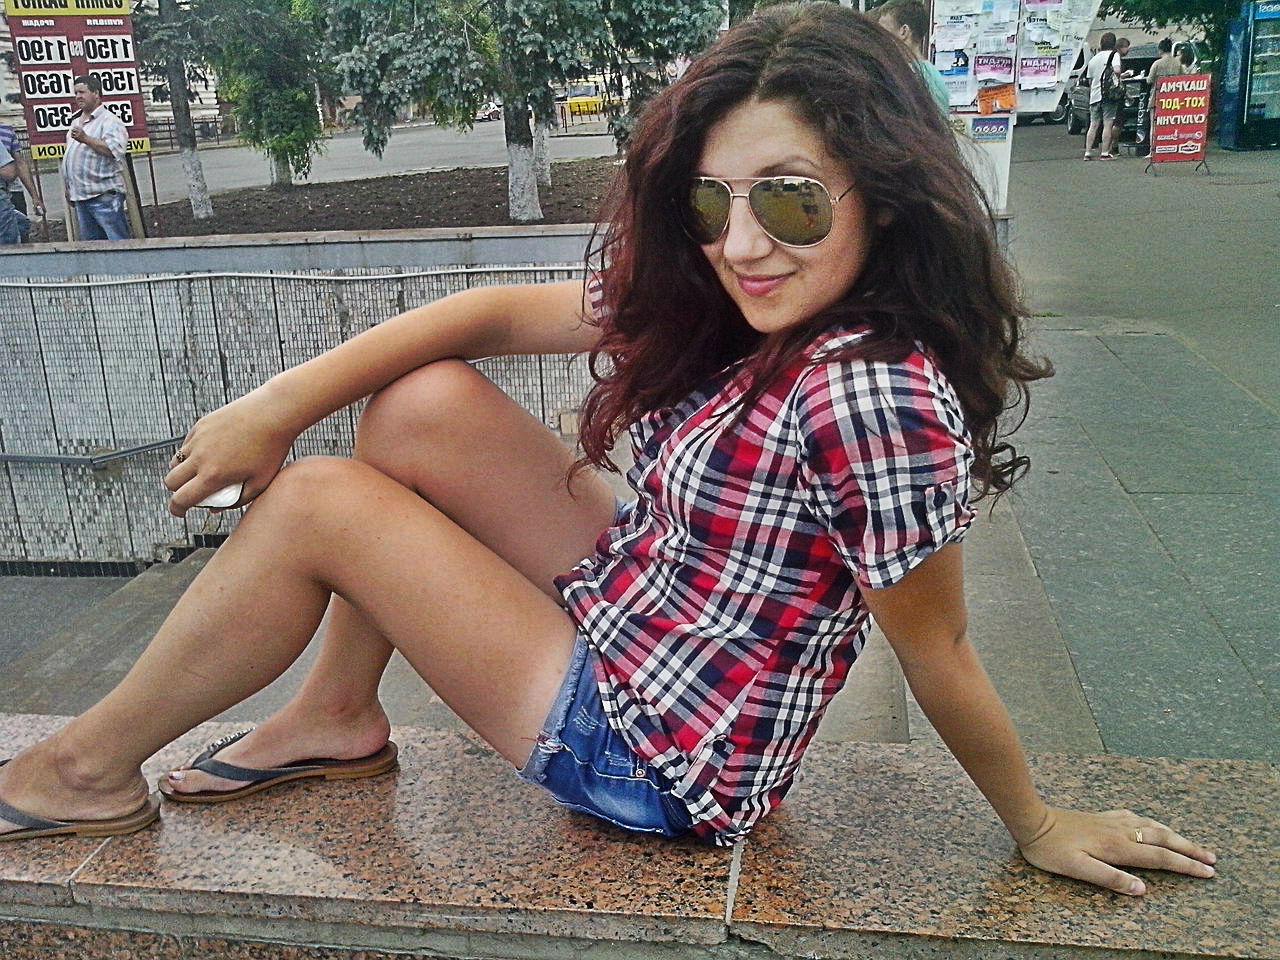 Девушка в клетчатой рубашке и шортах гуляет по городу